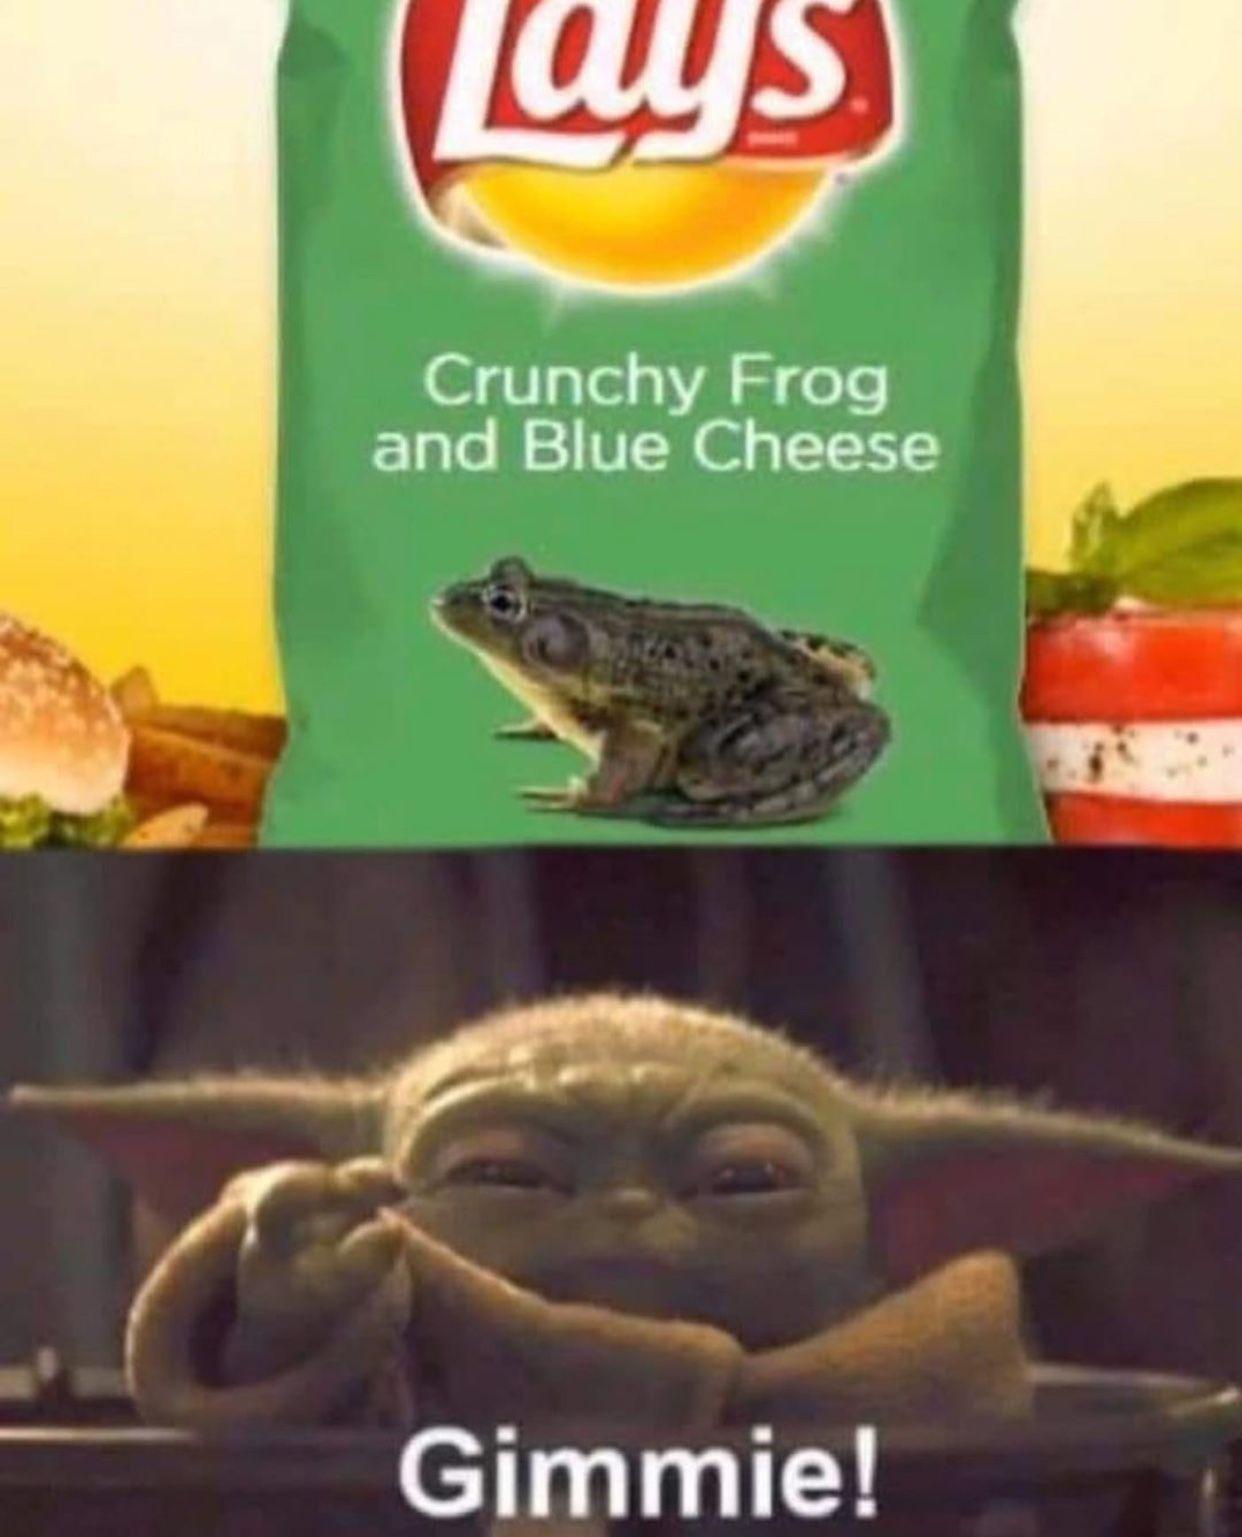 Pin by Ryan Rodbro on Baby Yoda in 2020 Yoda meme, Yoda